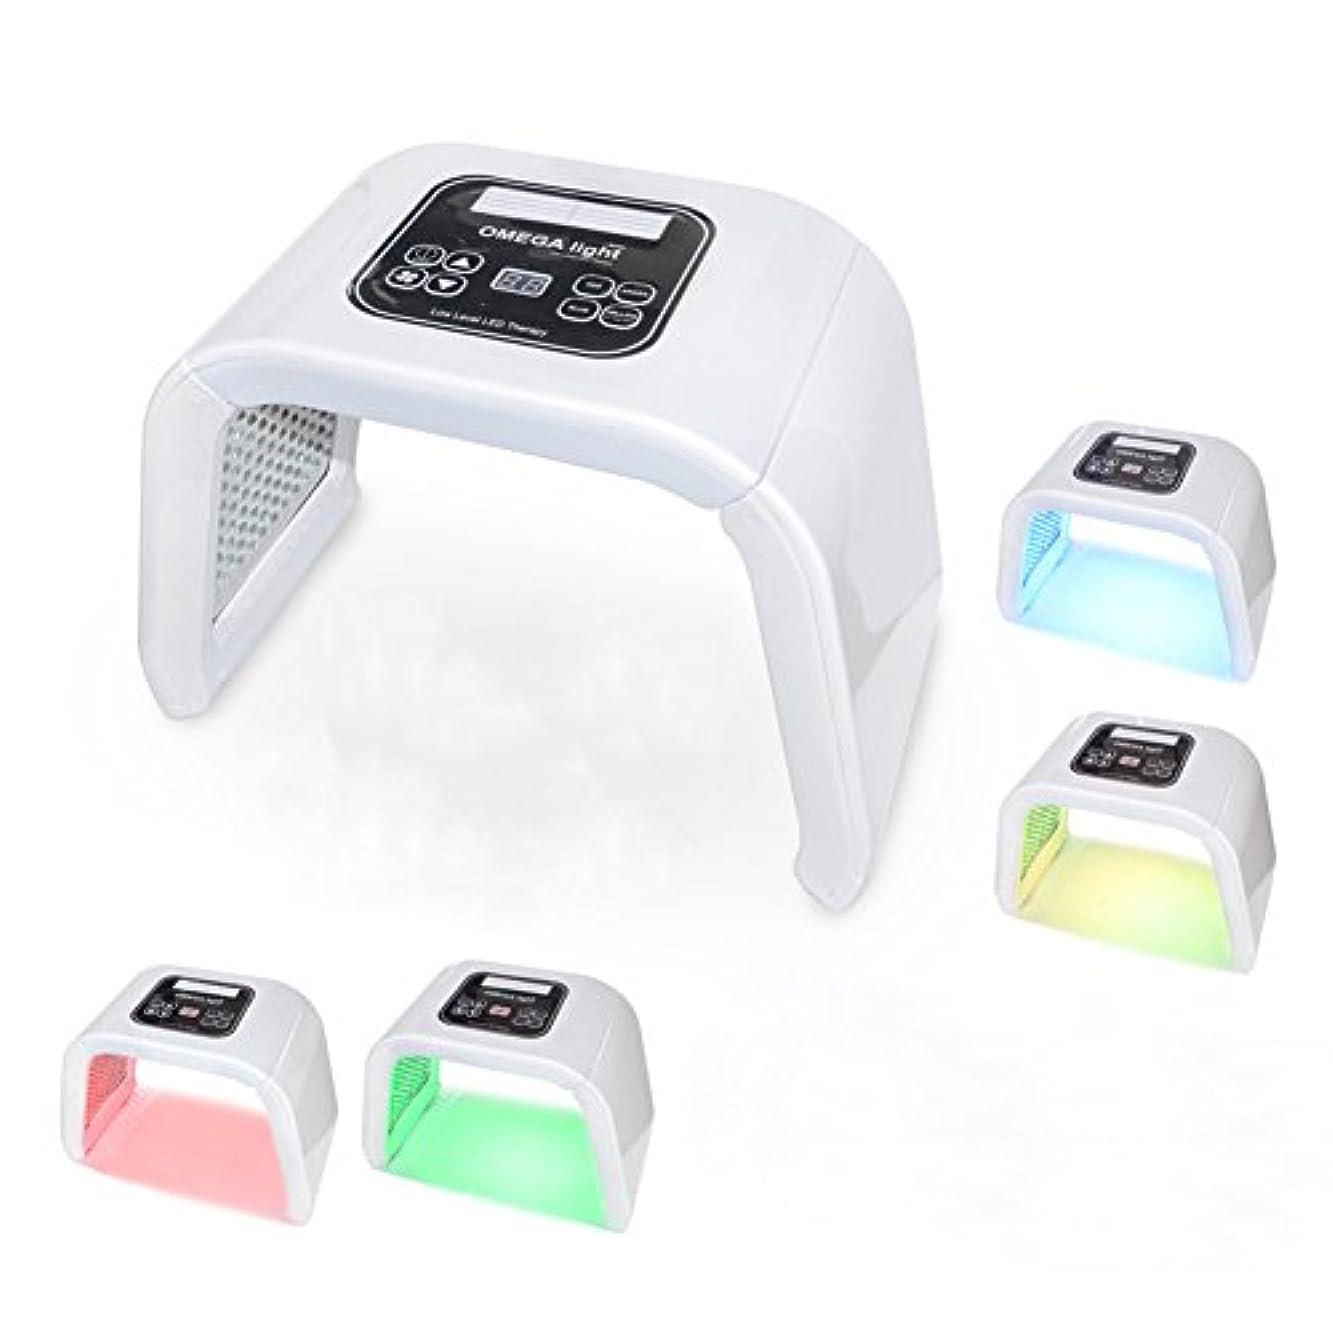 矛盾するブランド名農学にきびの皮の若返りの美装置を白くする光子療法機械LED 4色,White